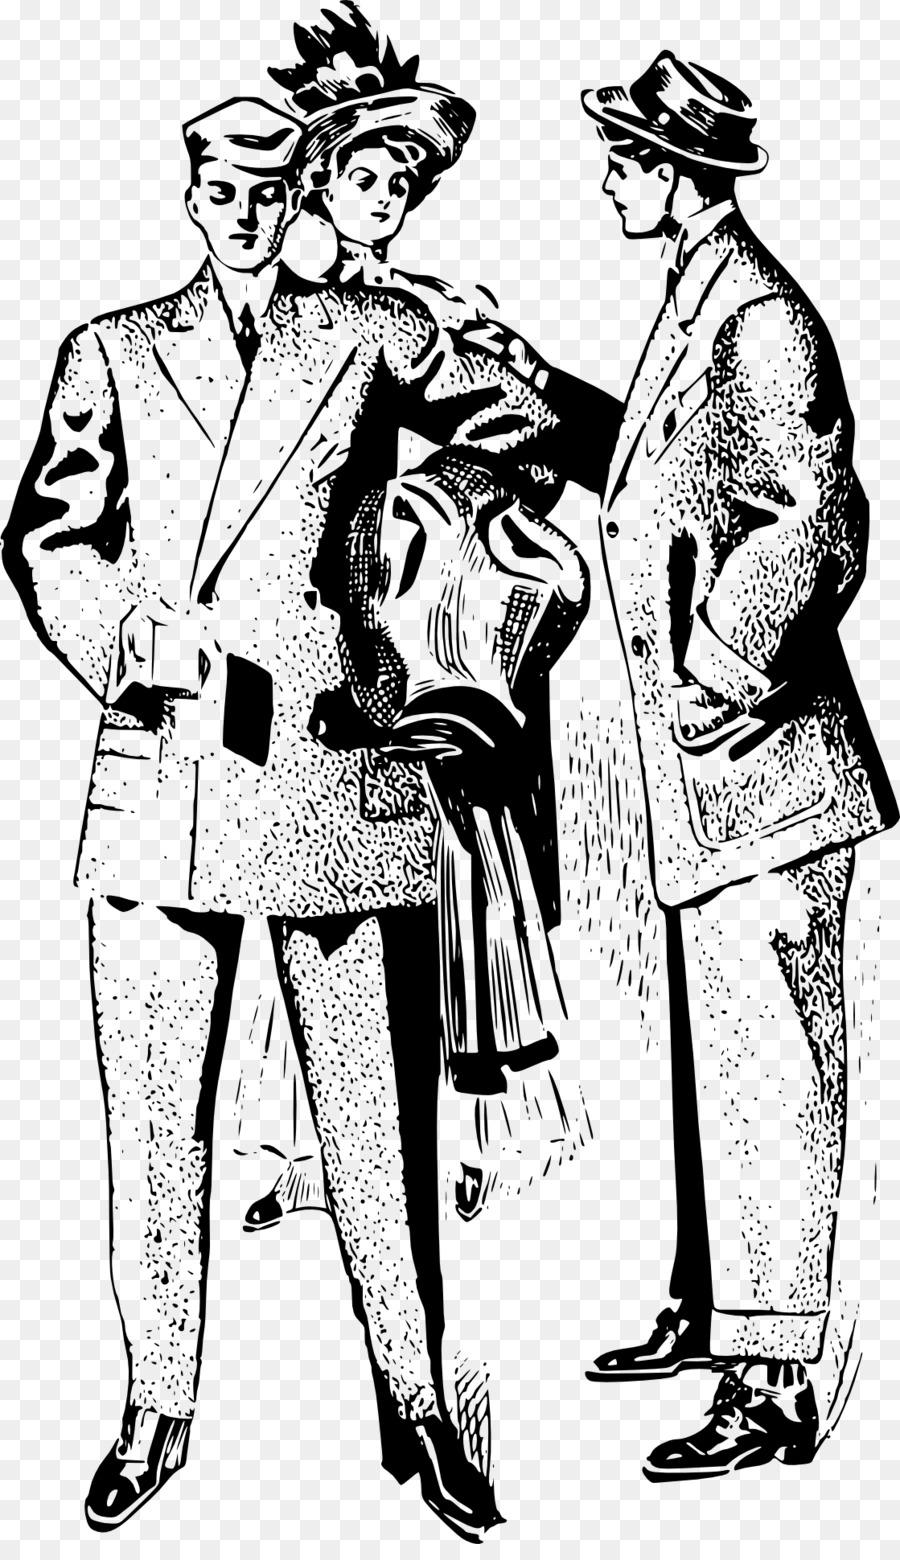 Clip Art Women Suit Png Download 1119 1920 Free Transparent